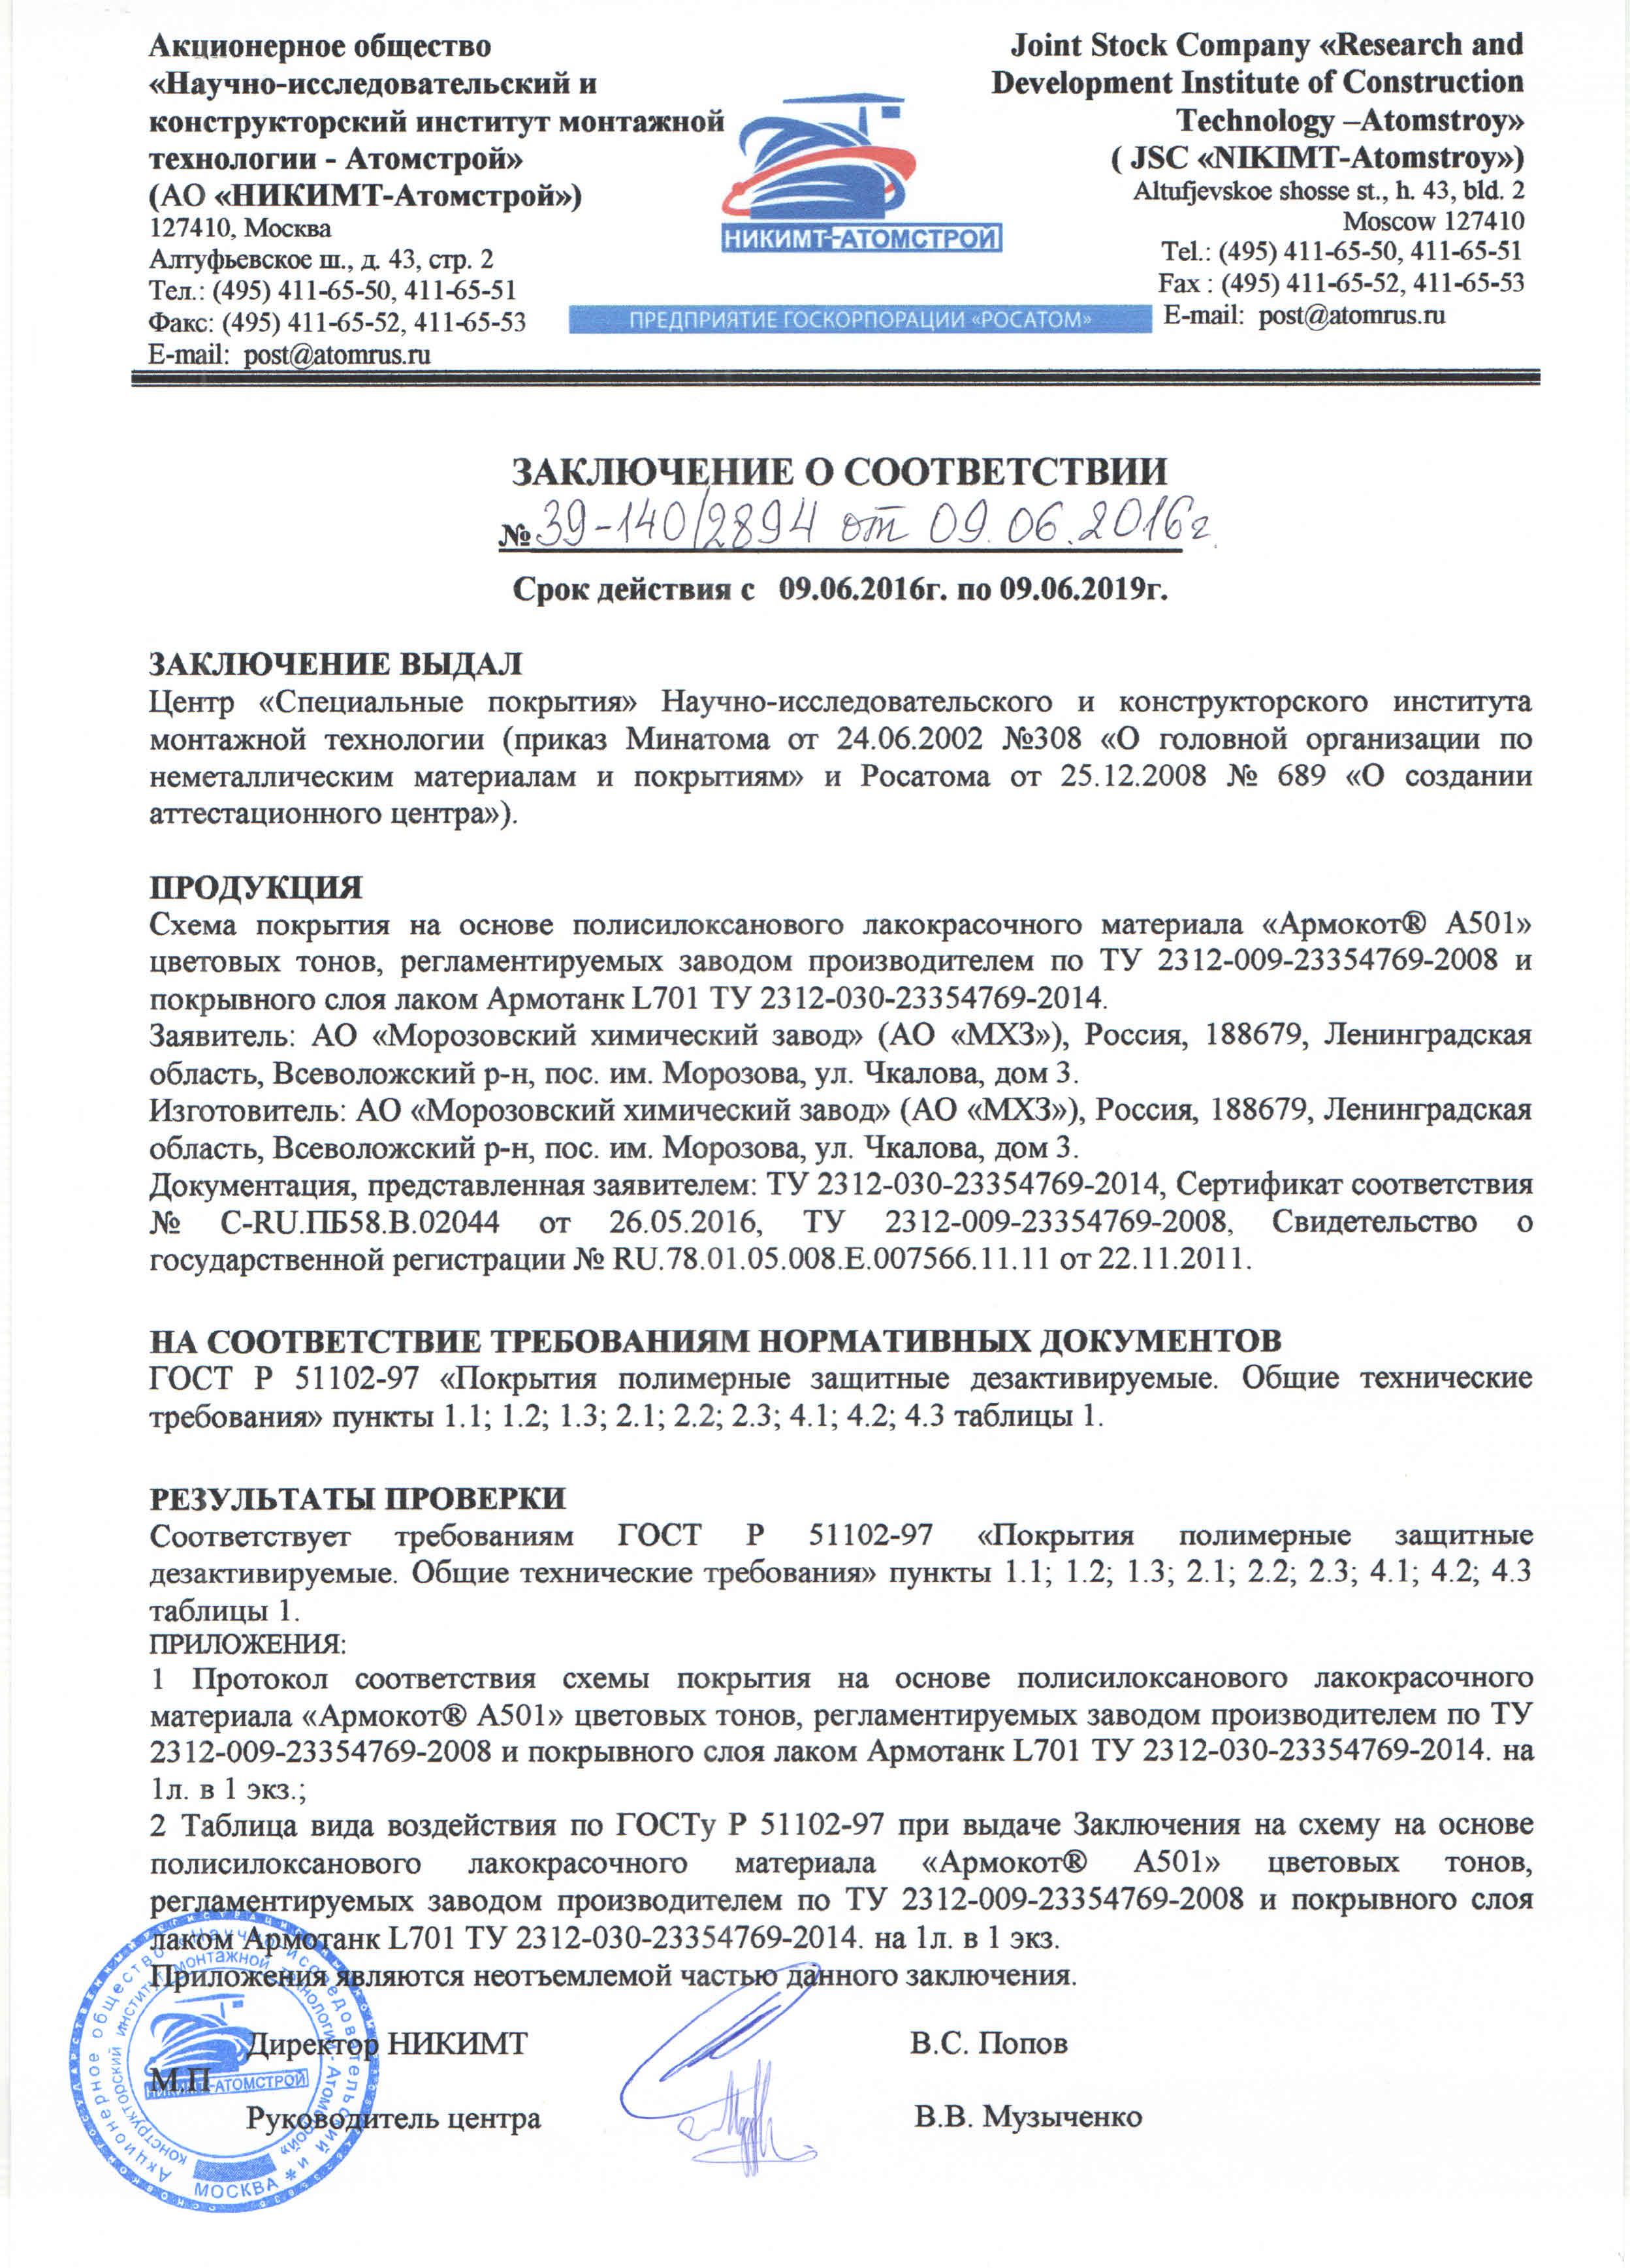 НИКИМТА501+L701_Страница_1